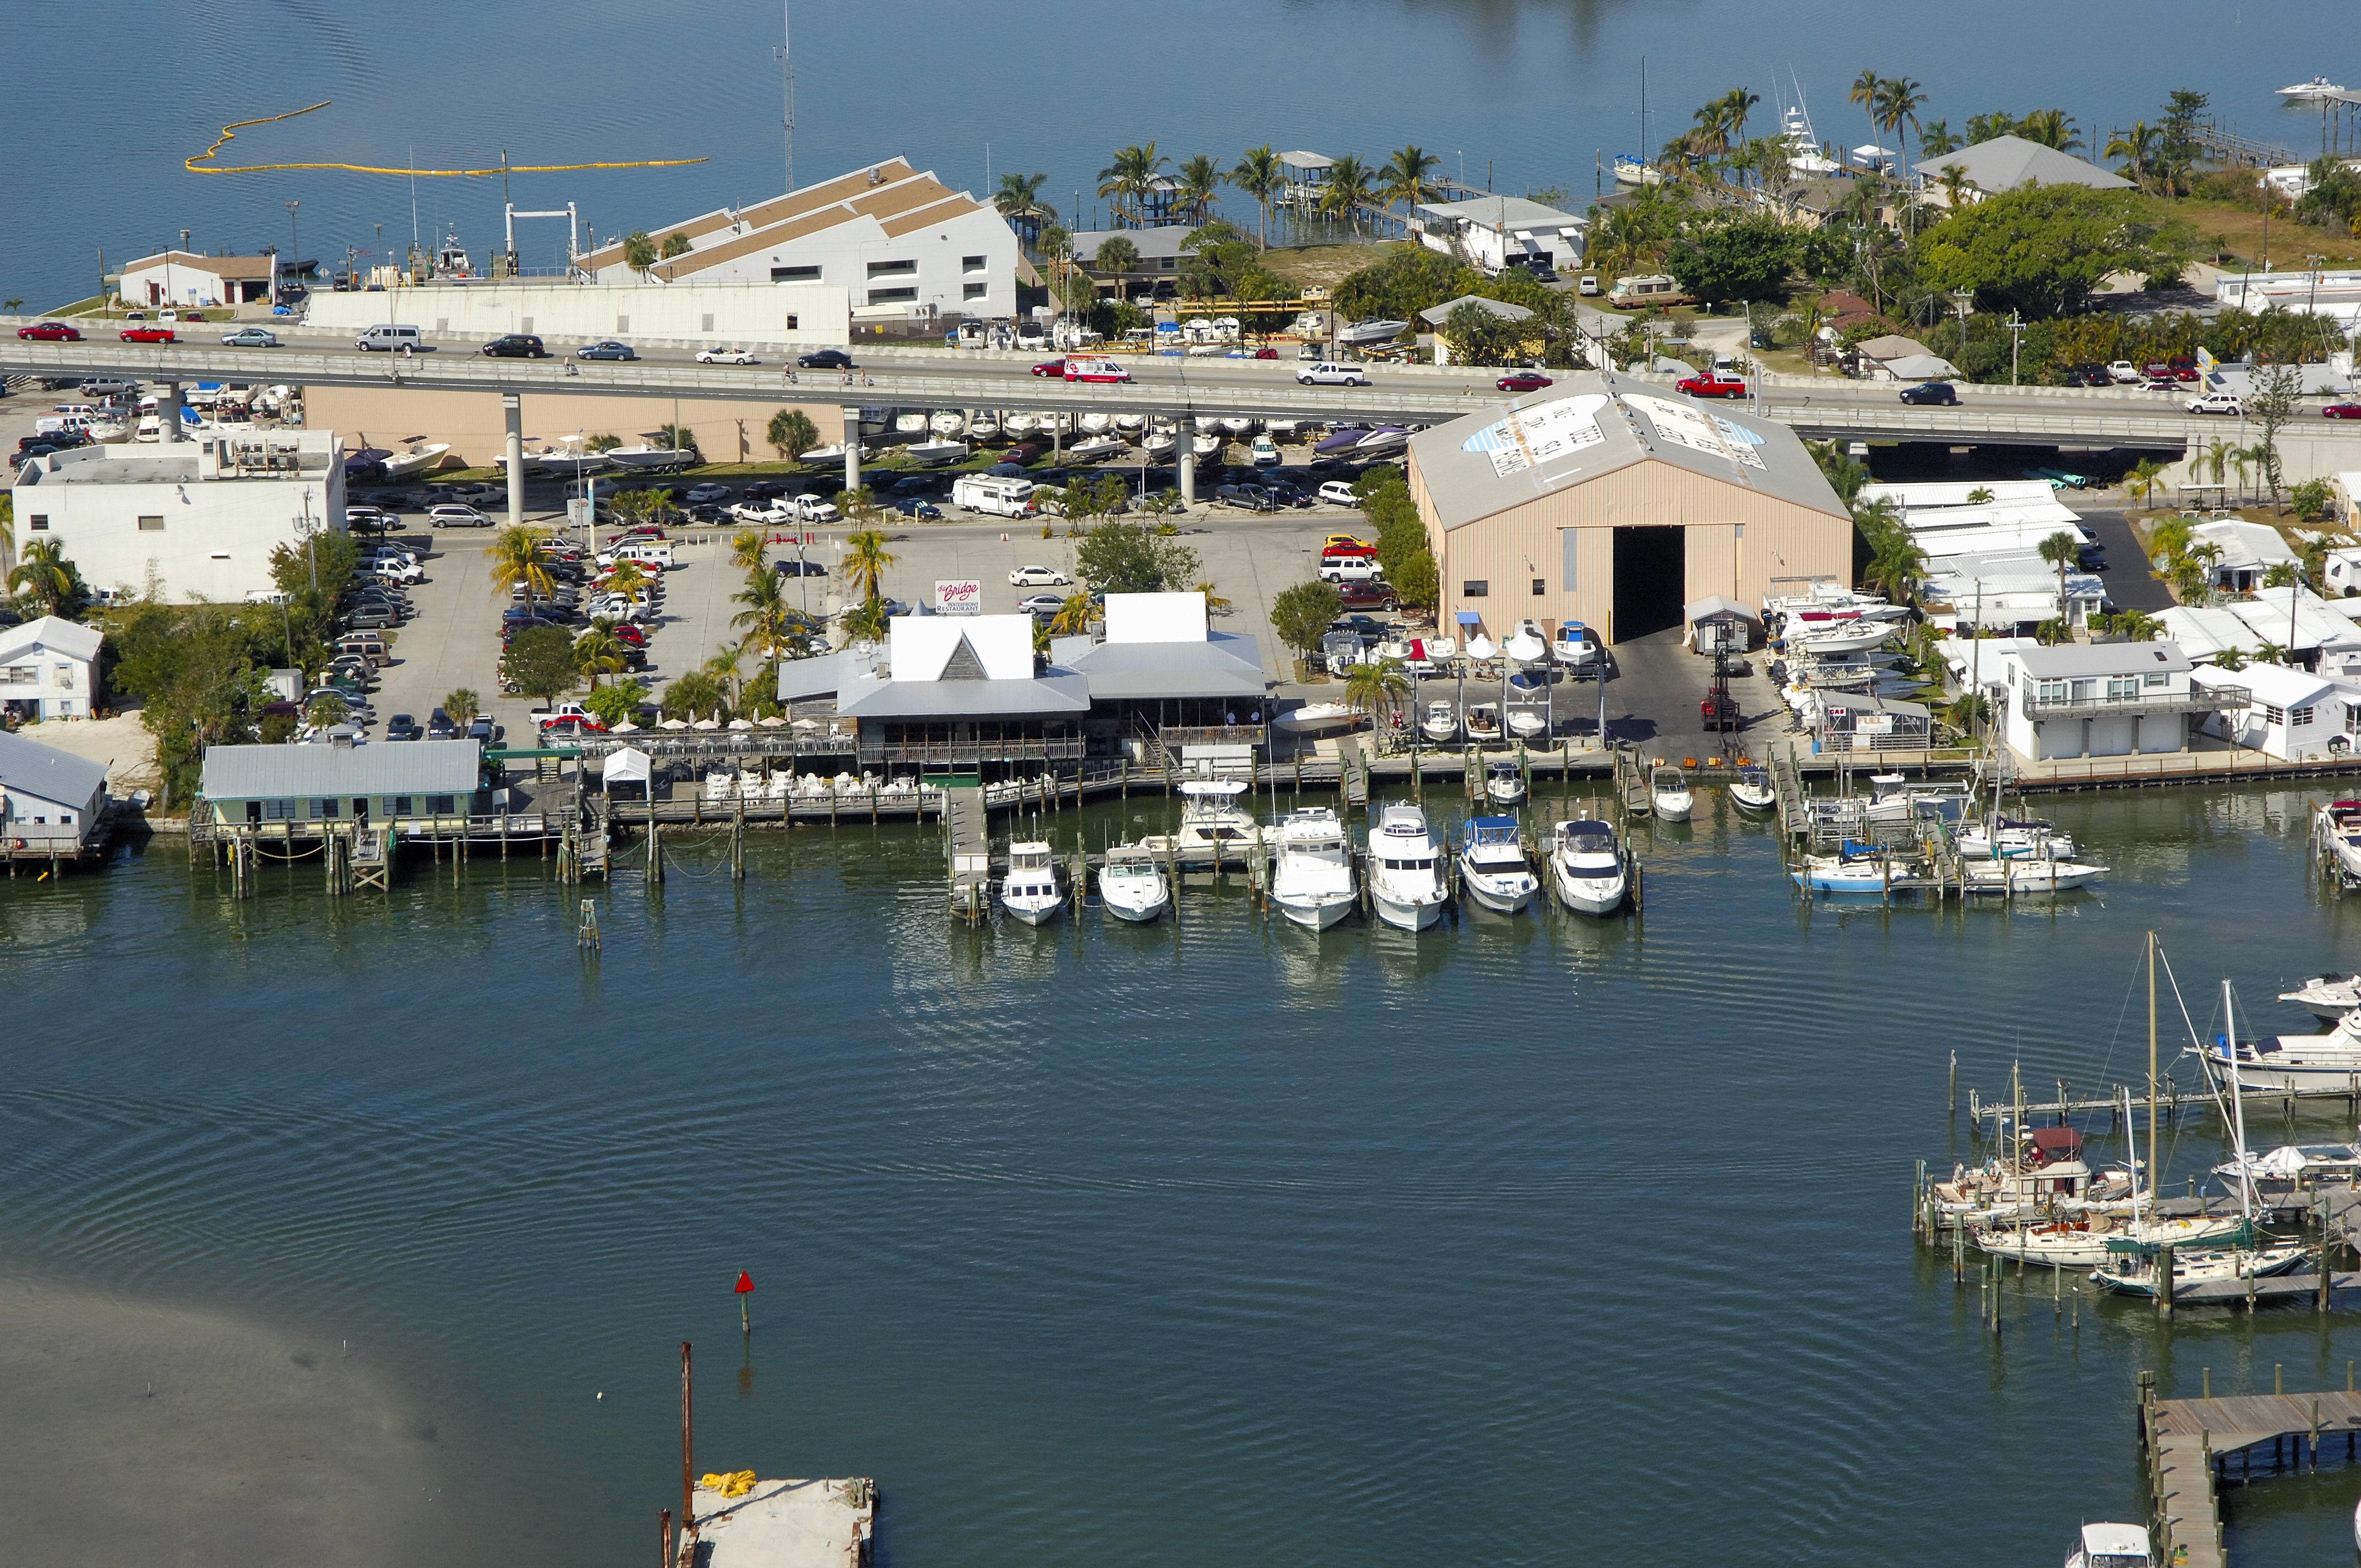 Gulf star marina in fort myers beach fl united states marina gulf star marina in fort myers beach fl united states marina reviews phone number marinas geenschuldenfo Gallery